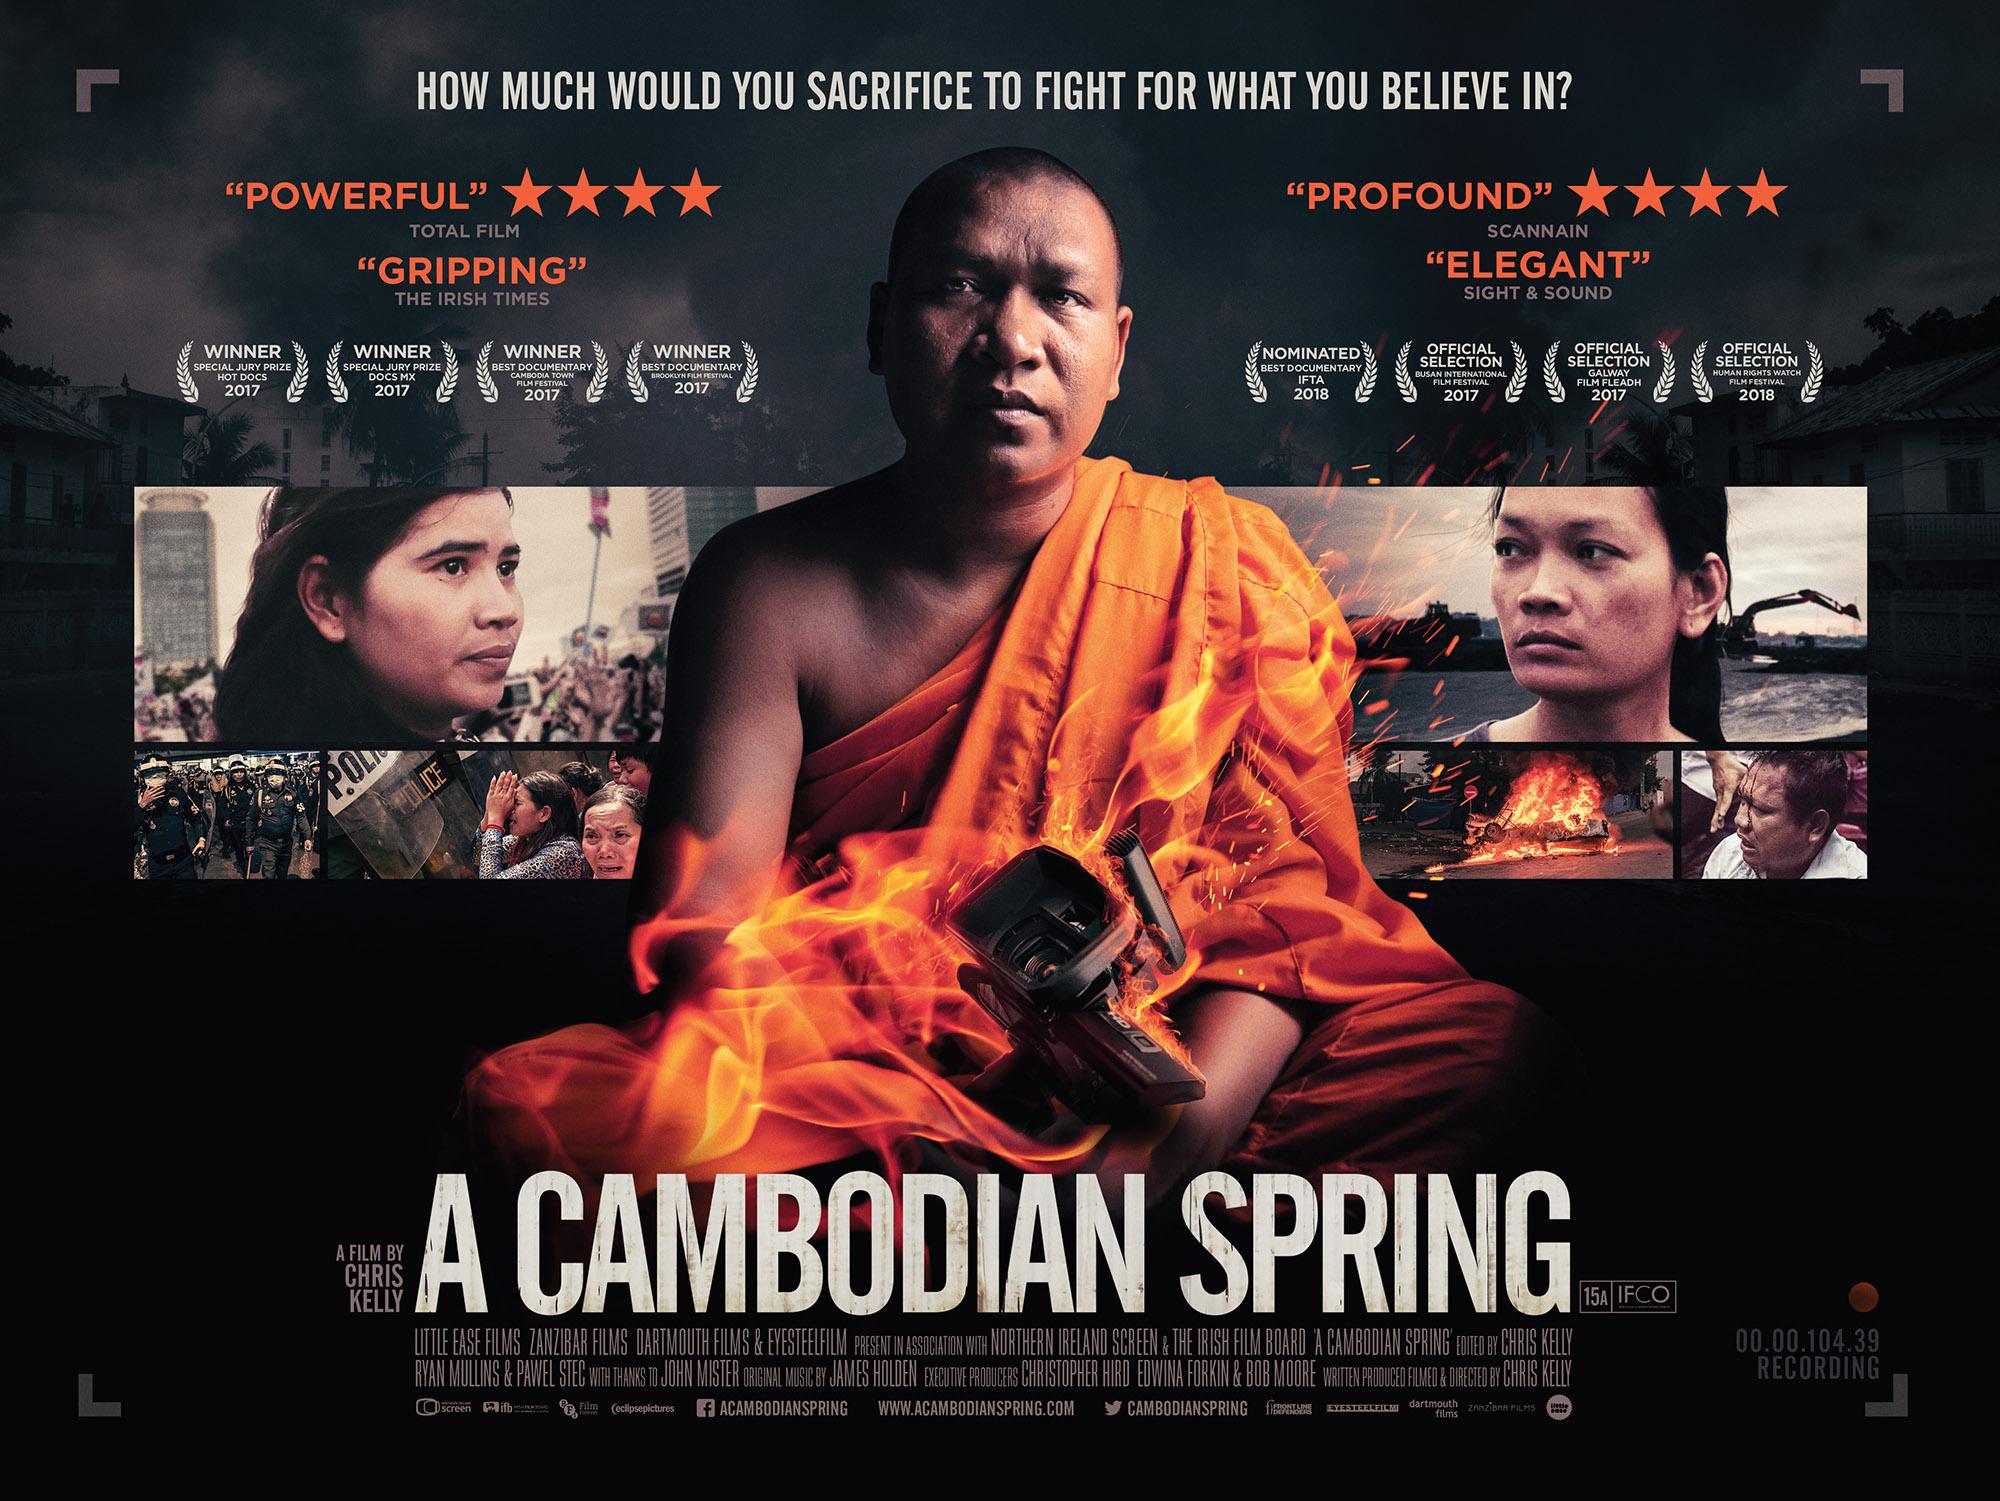 CambodiaSpring_Quad_ROI_web.jpg